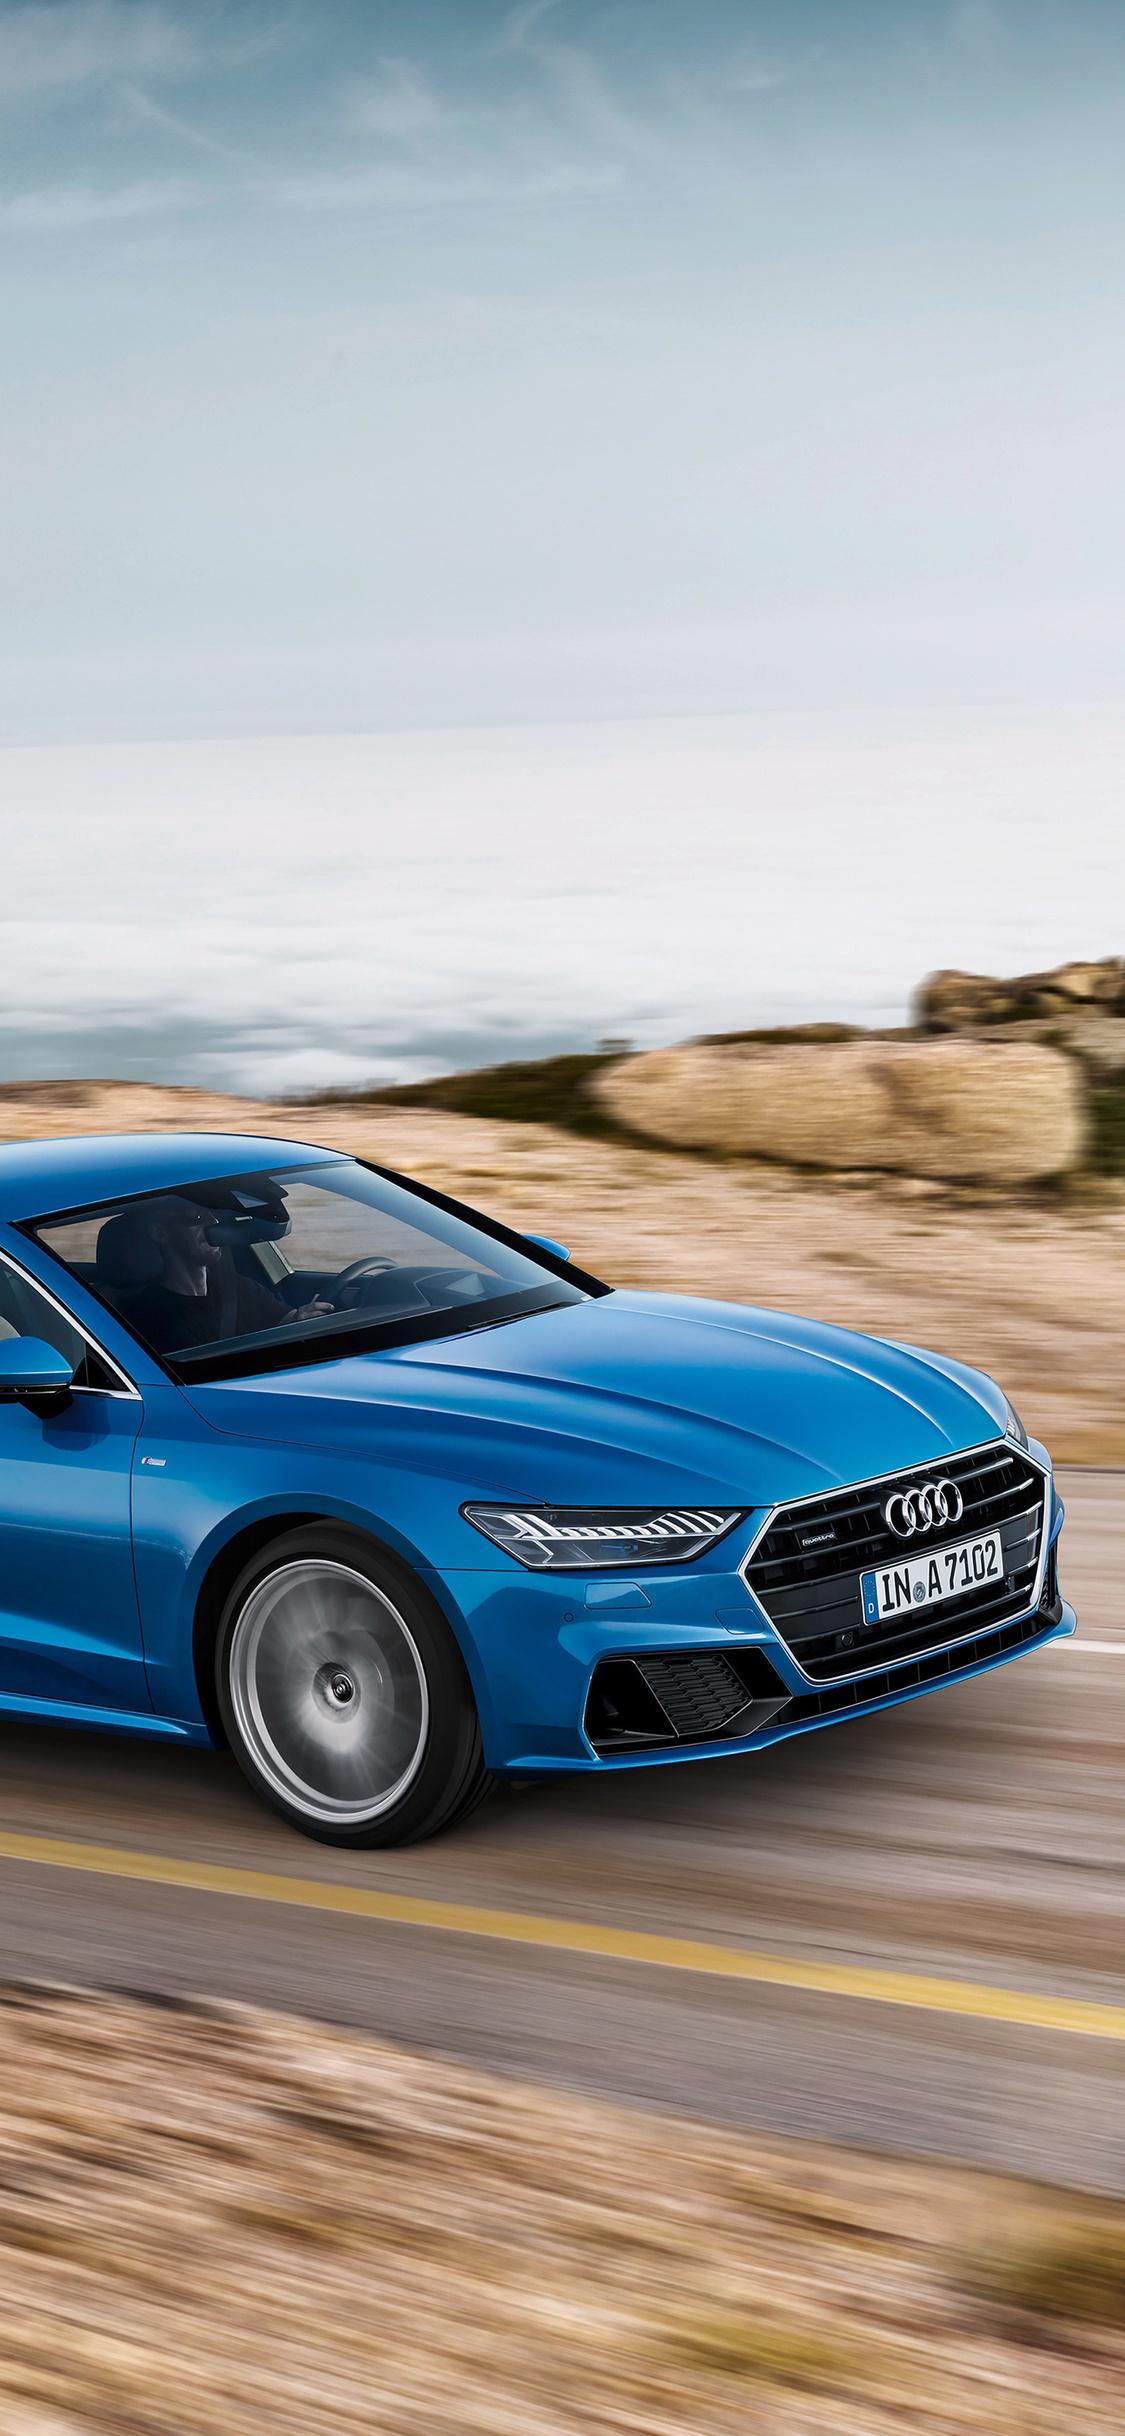 1125x2436 Audi A7 Sportback 4k Iphone Xs Iphone 10 Iphone X Hd 4k